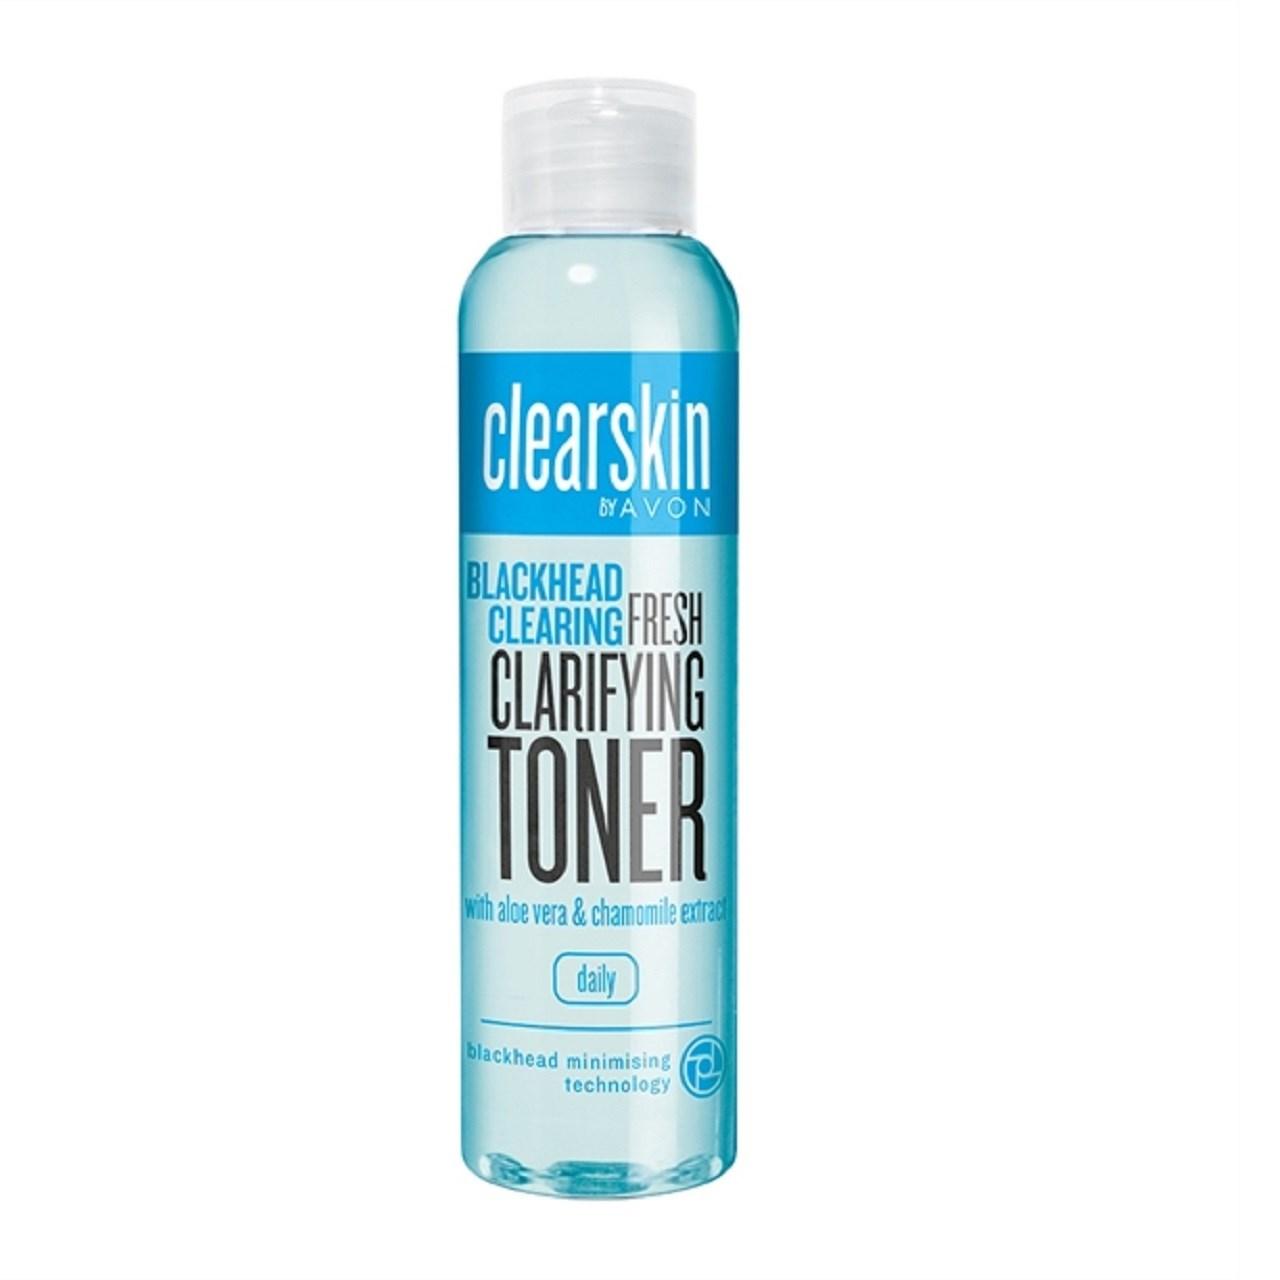 تونر صورت آون مدل Clearskin Blackhead Clearing Clarifying Toner حجم 100 میلی لیتر